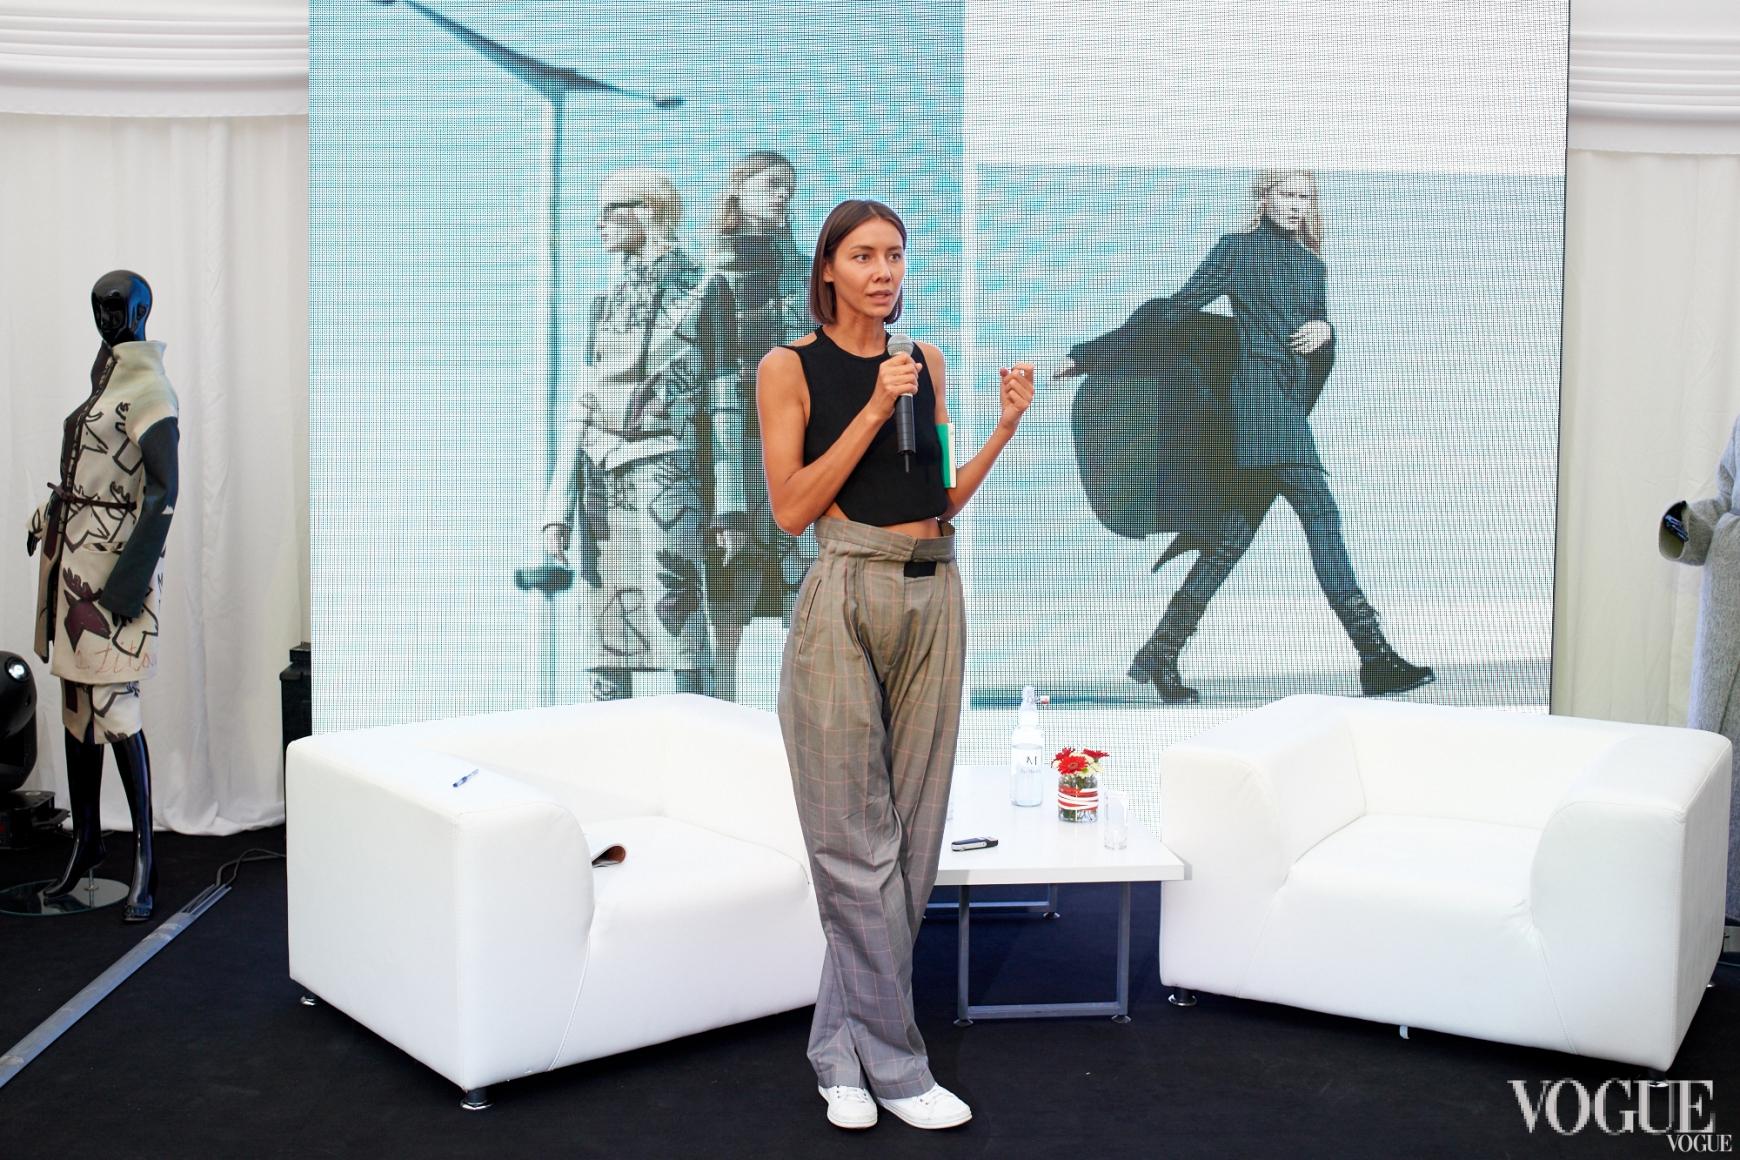 Мастер-класс Юлии Пелипас о правилах стрит-стайла на примере новой осенне-зимней коллекции Annette GORTZ